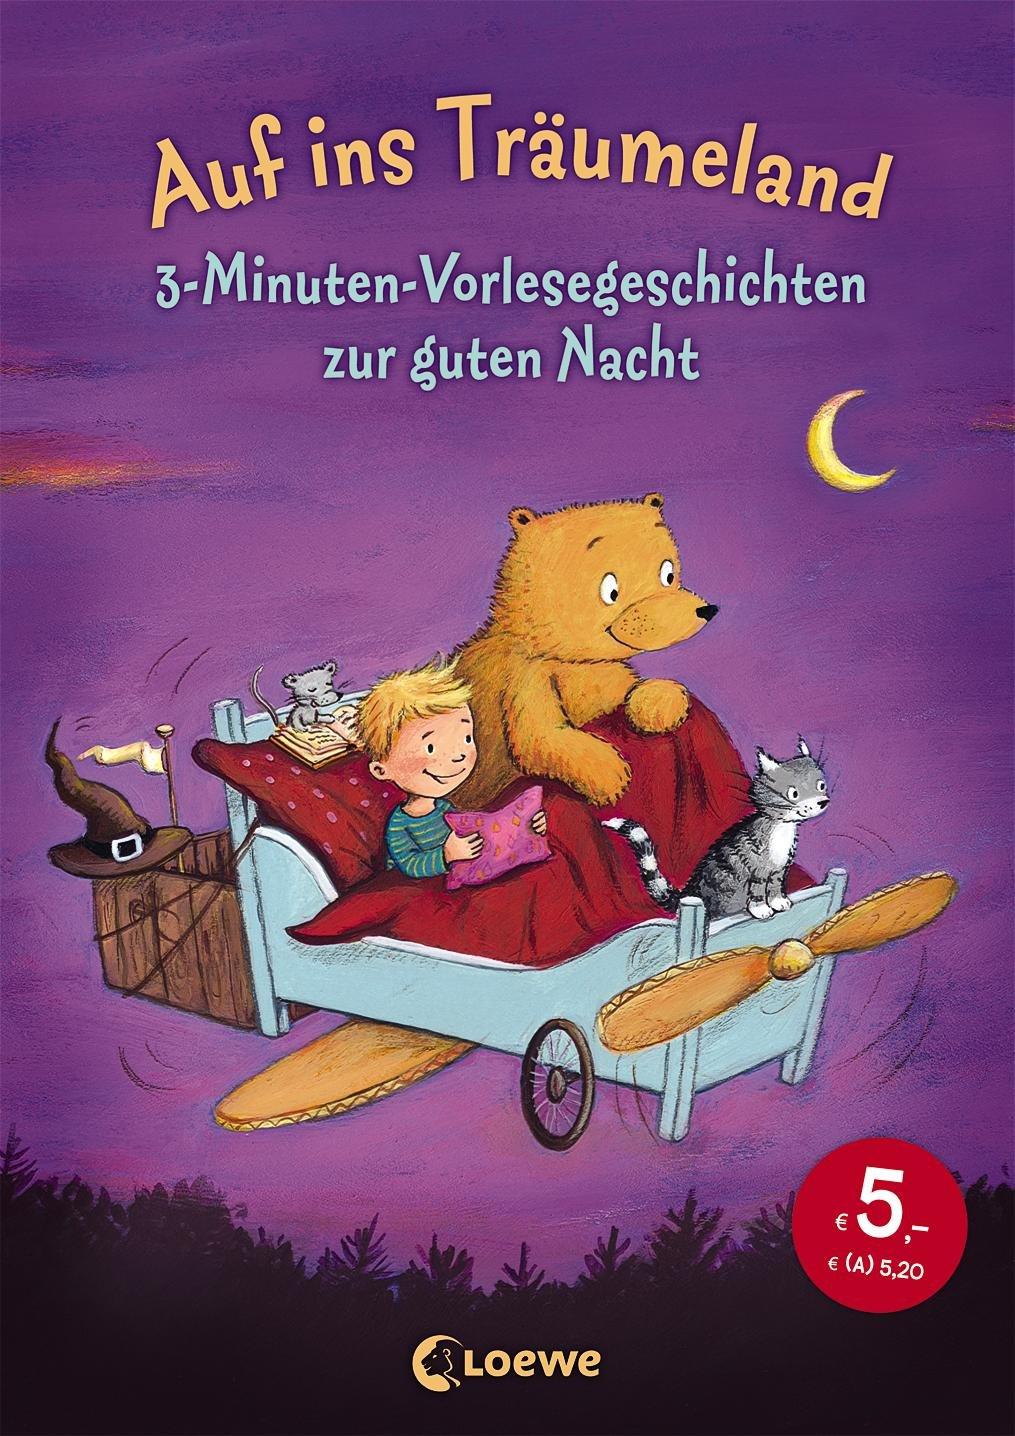 """Gutenachtgeschichten Buchempfehlung """"Auf ins Träumeland"""". Spezielle 3-Minuten-Vorlesegeschichten zur guten Nacht über Amazon."""